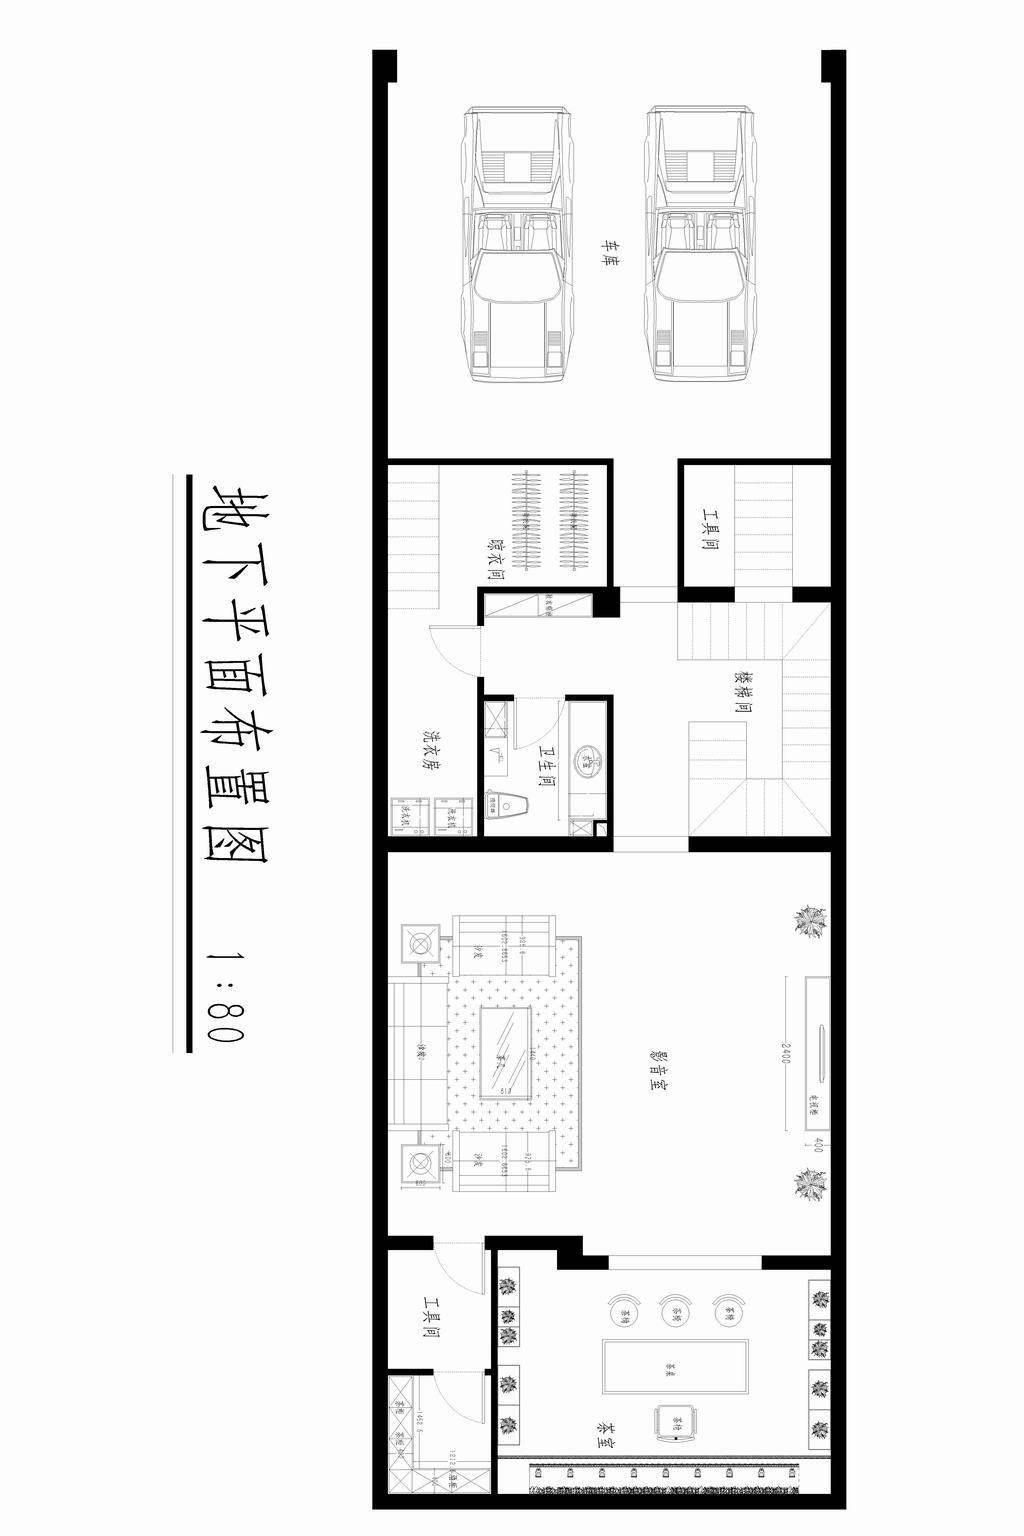 孔雀城大学里-东南亚风格-444平米装修设计理念